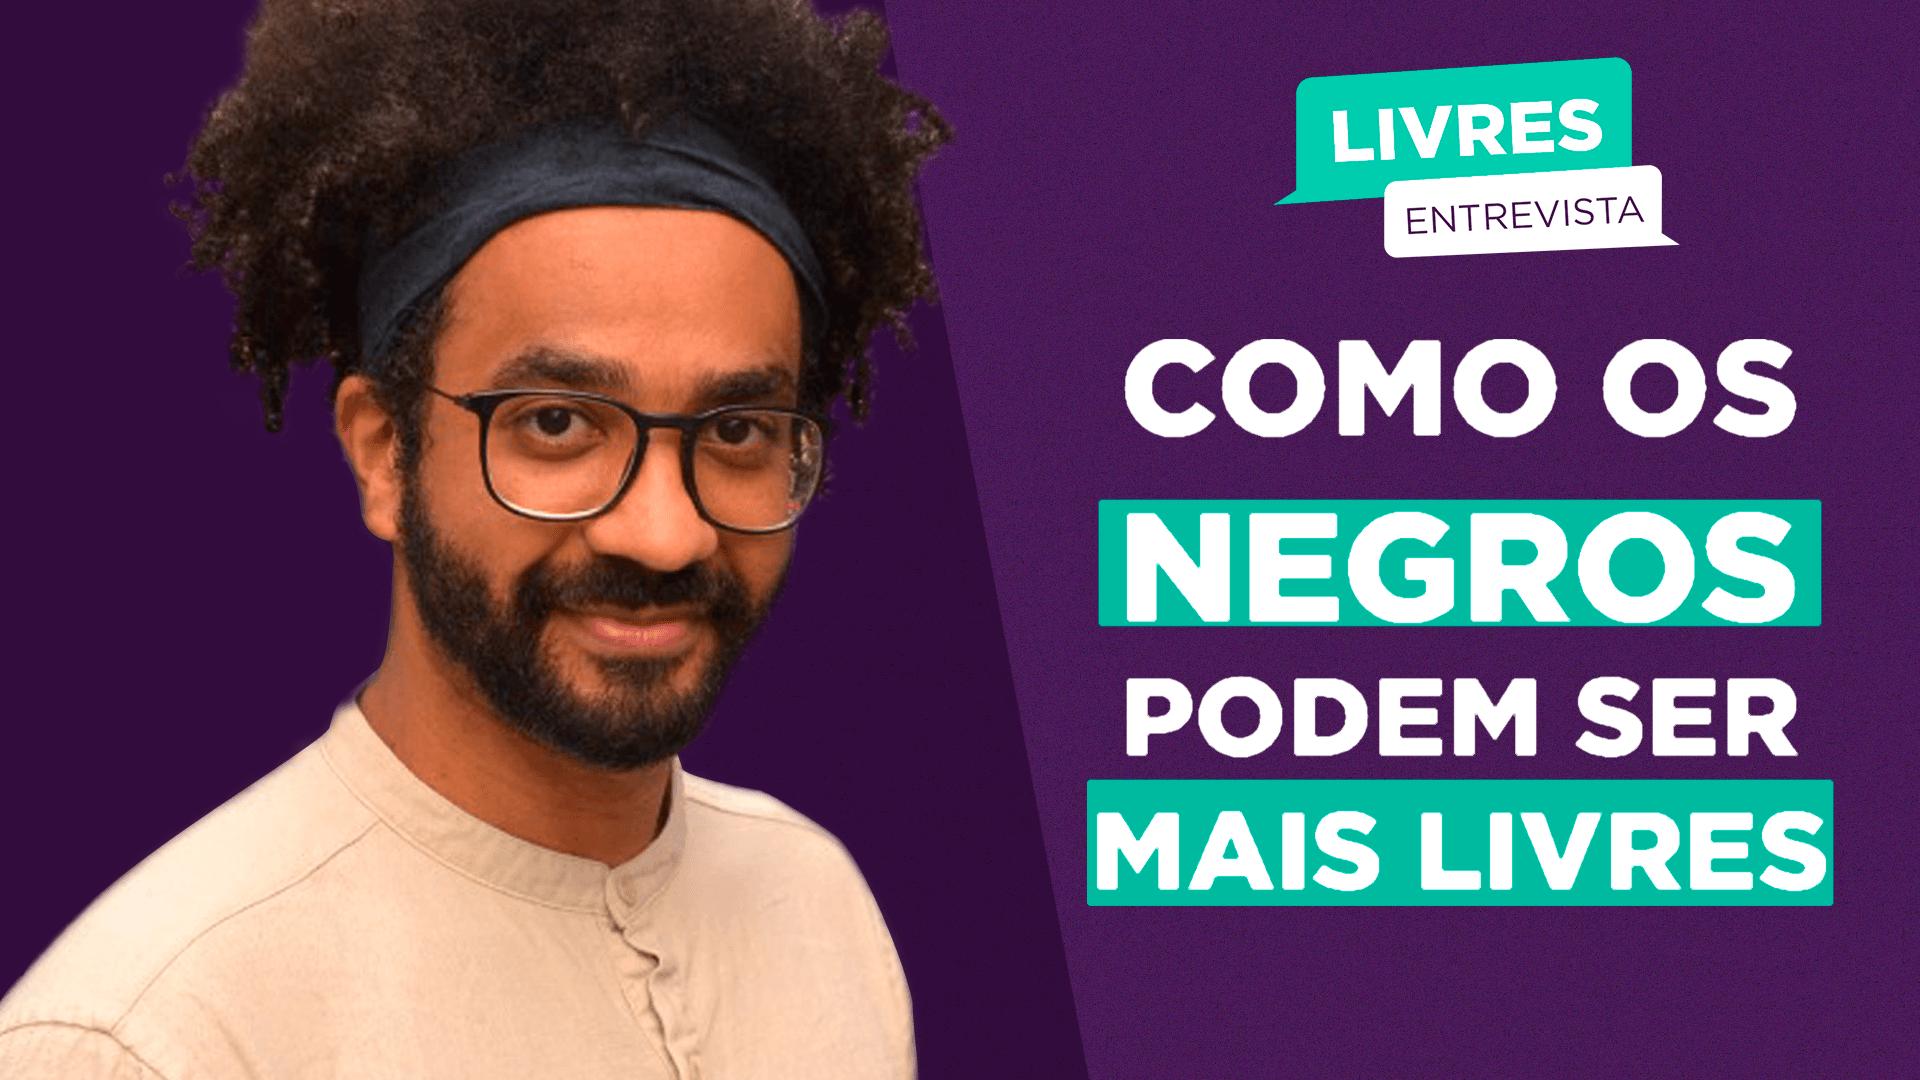 Michael França: Desafios para a liberdade dos negros brasileiros